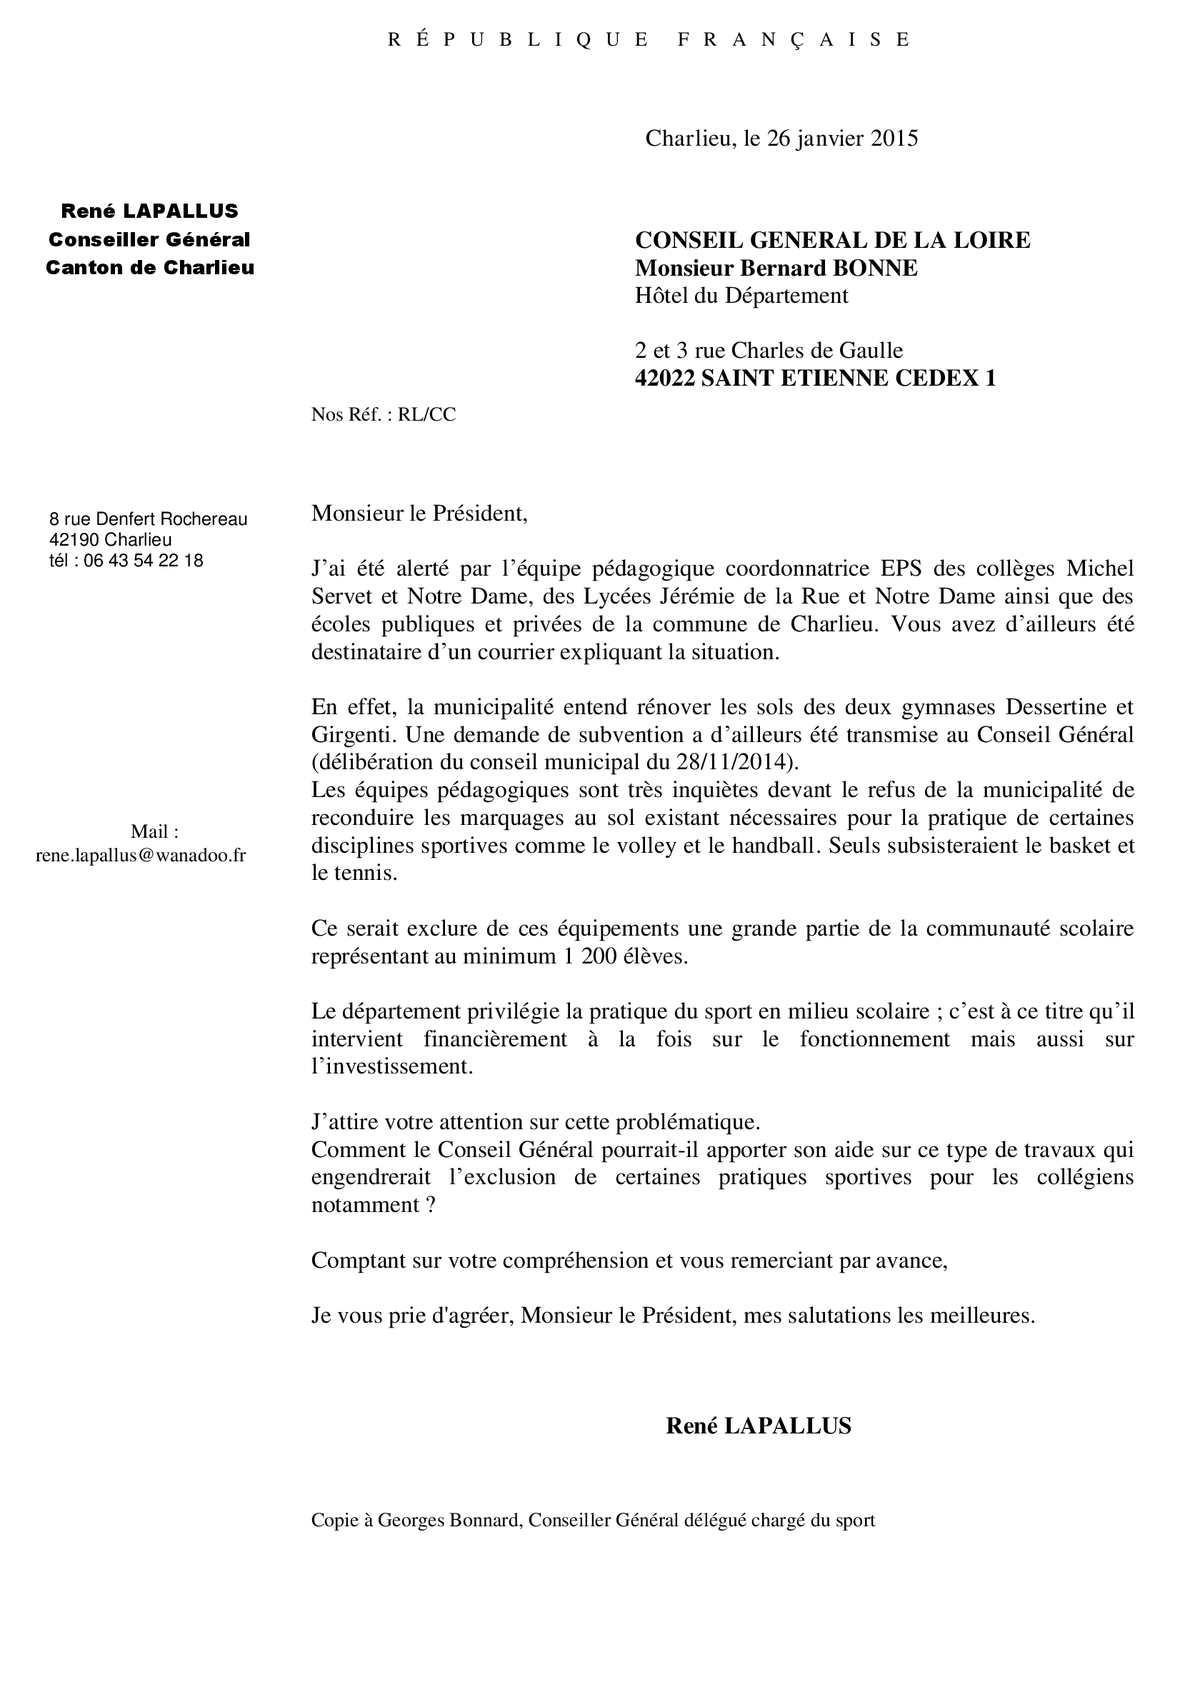 Calameo Courrier A Bernard Bonne Pour Renovation Sols Gymnases